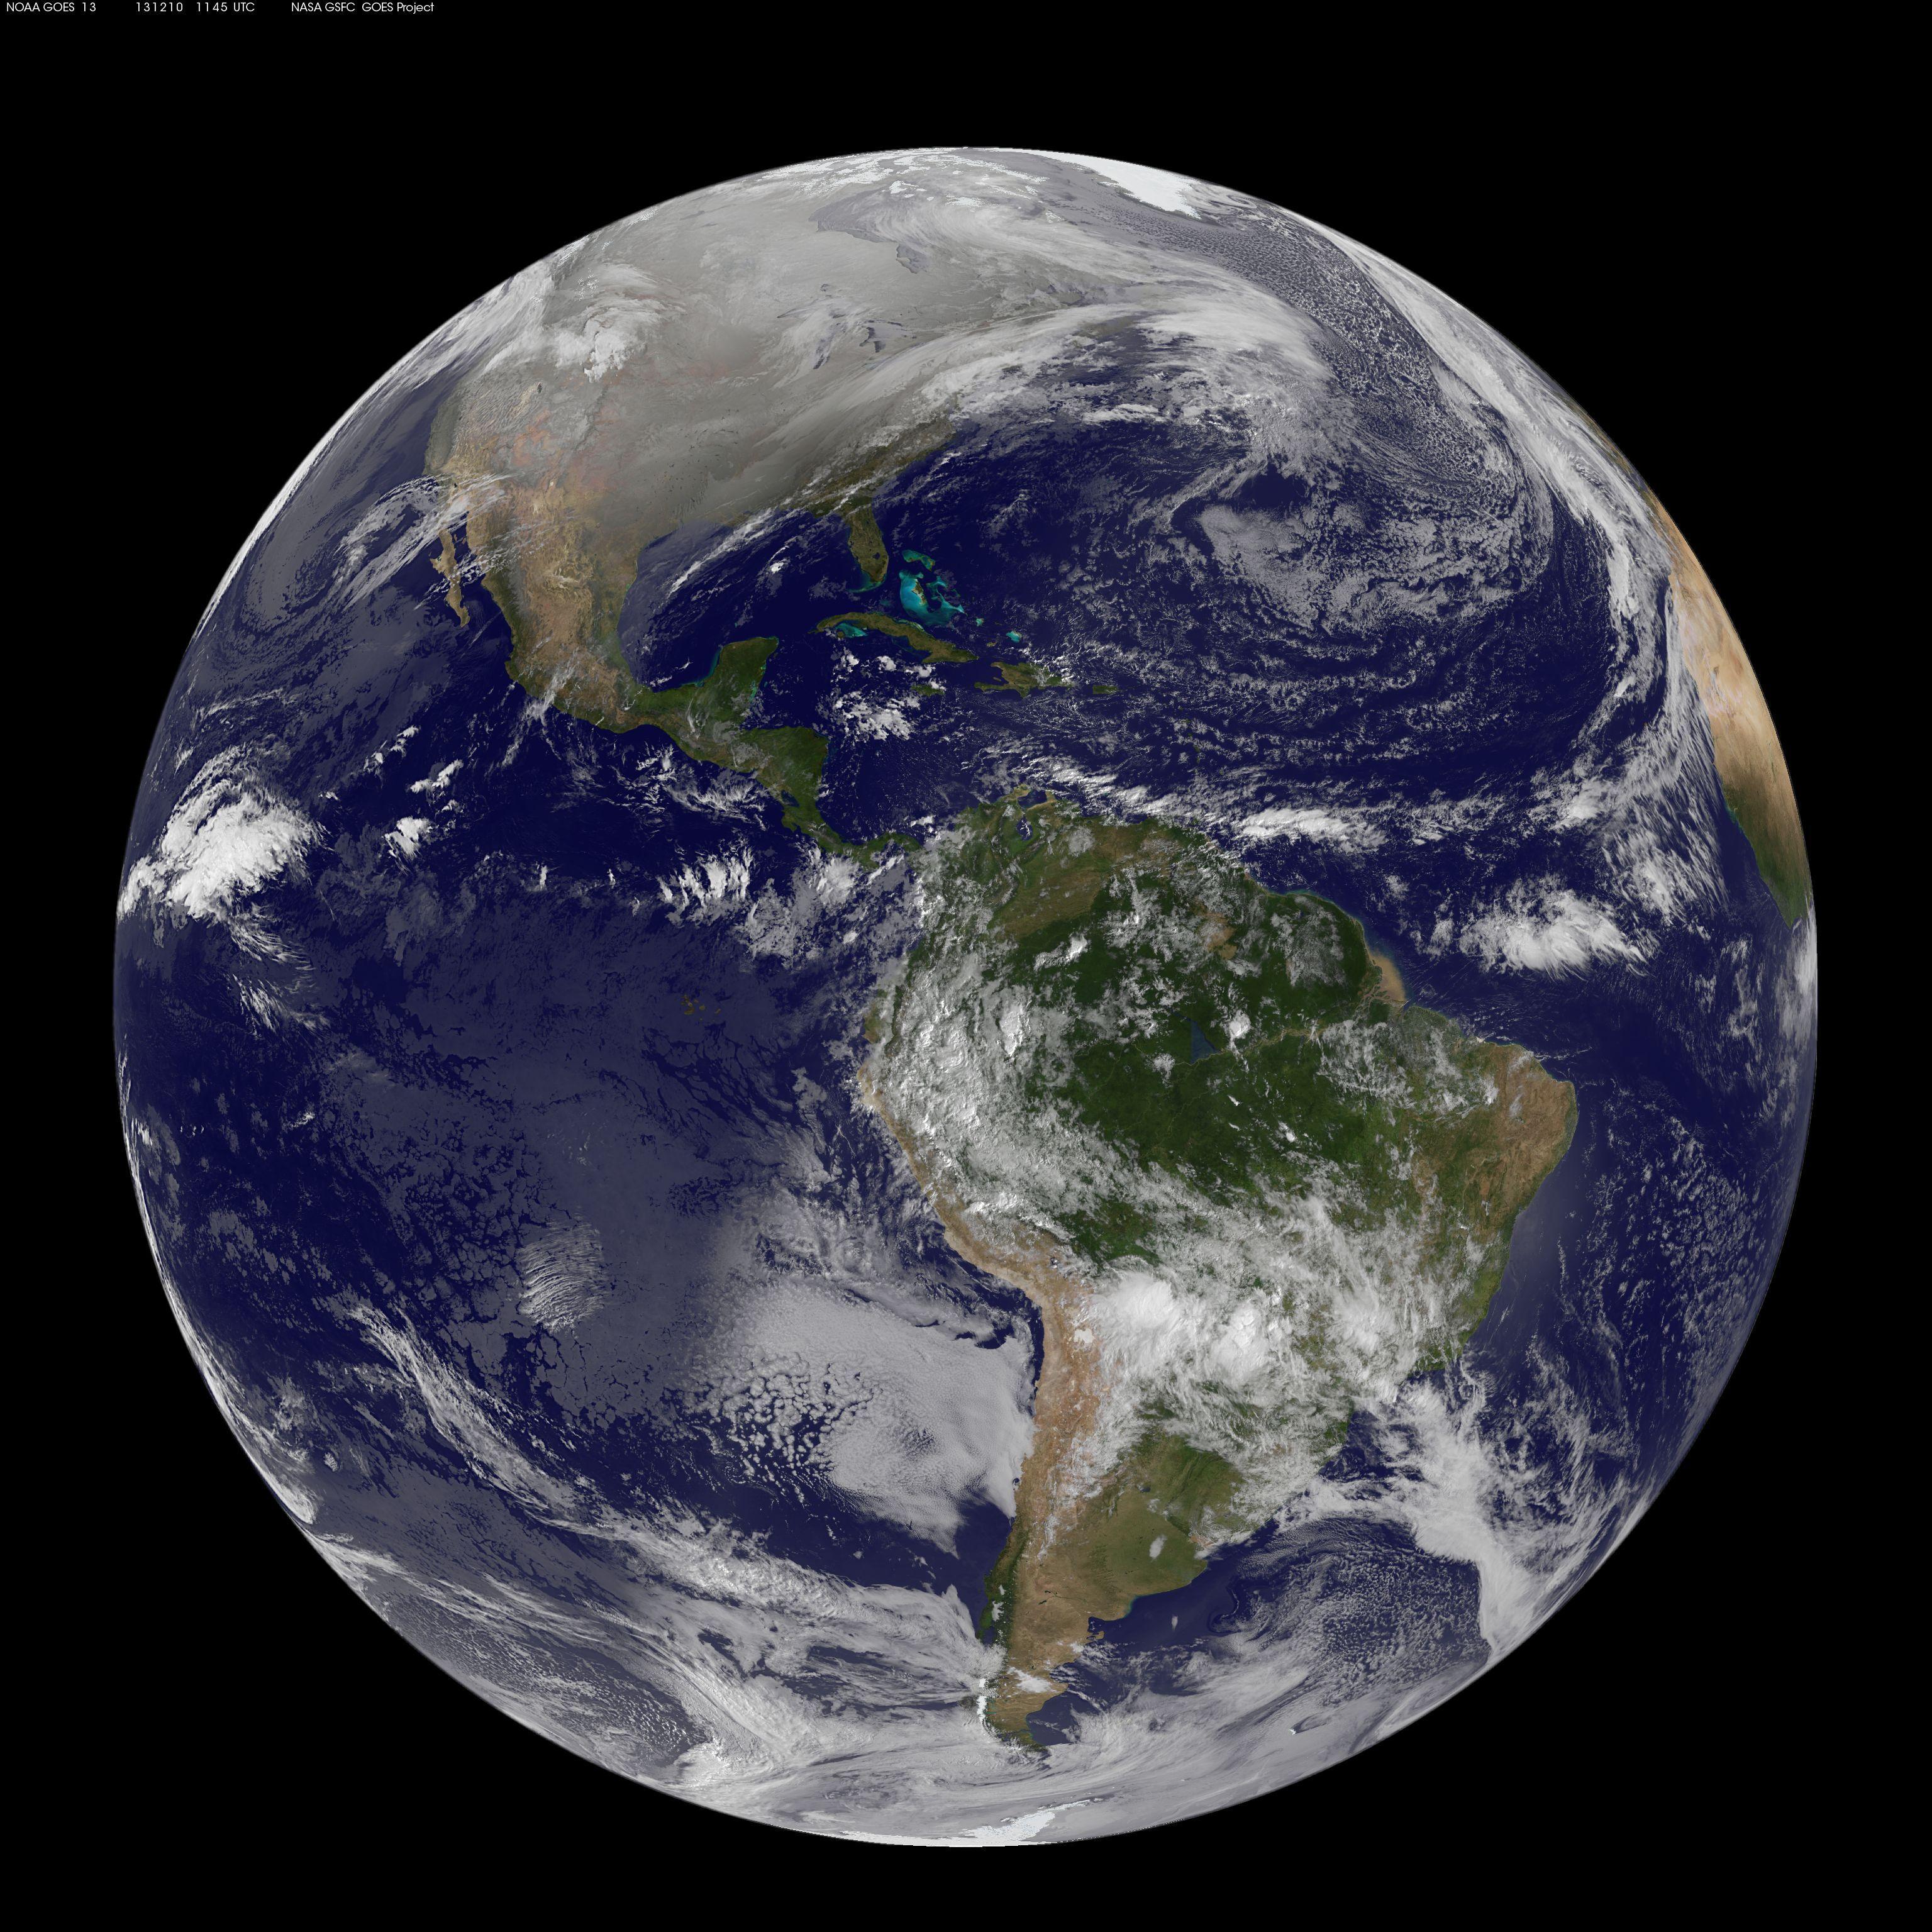 Eo52cf0 Jpg 3072 3072 Imagenes Del Planeta Tierra Tierra Fotos Nasa